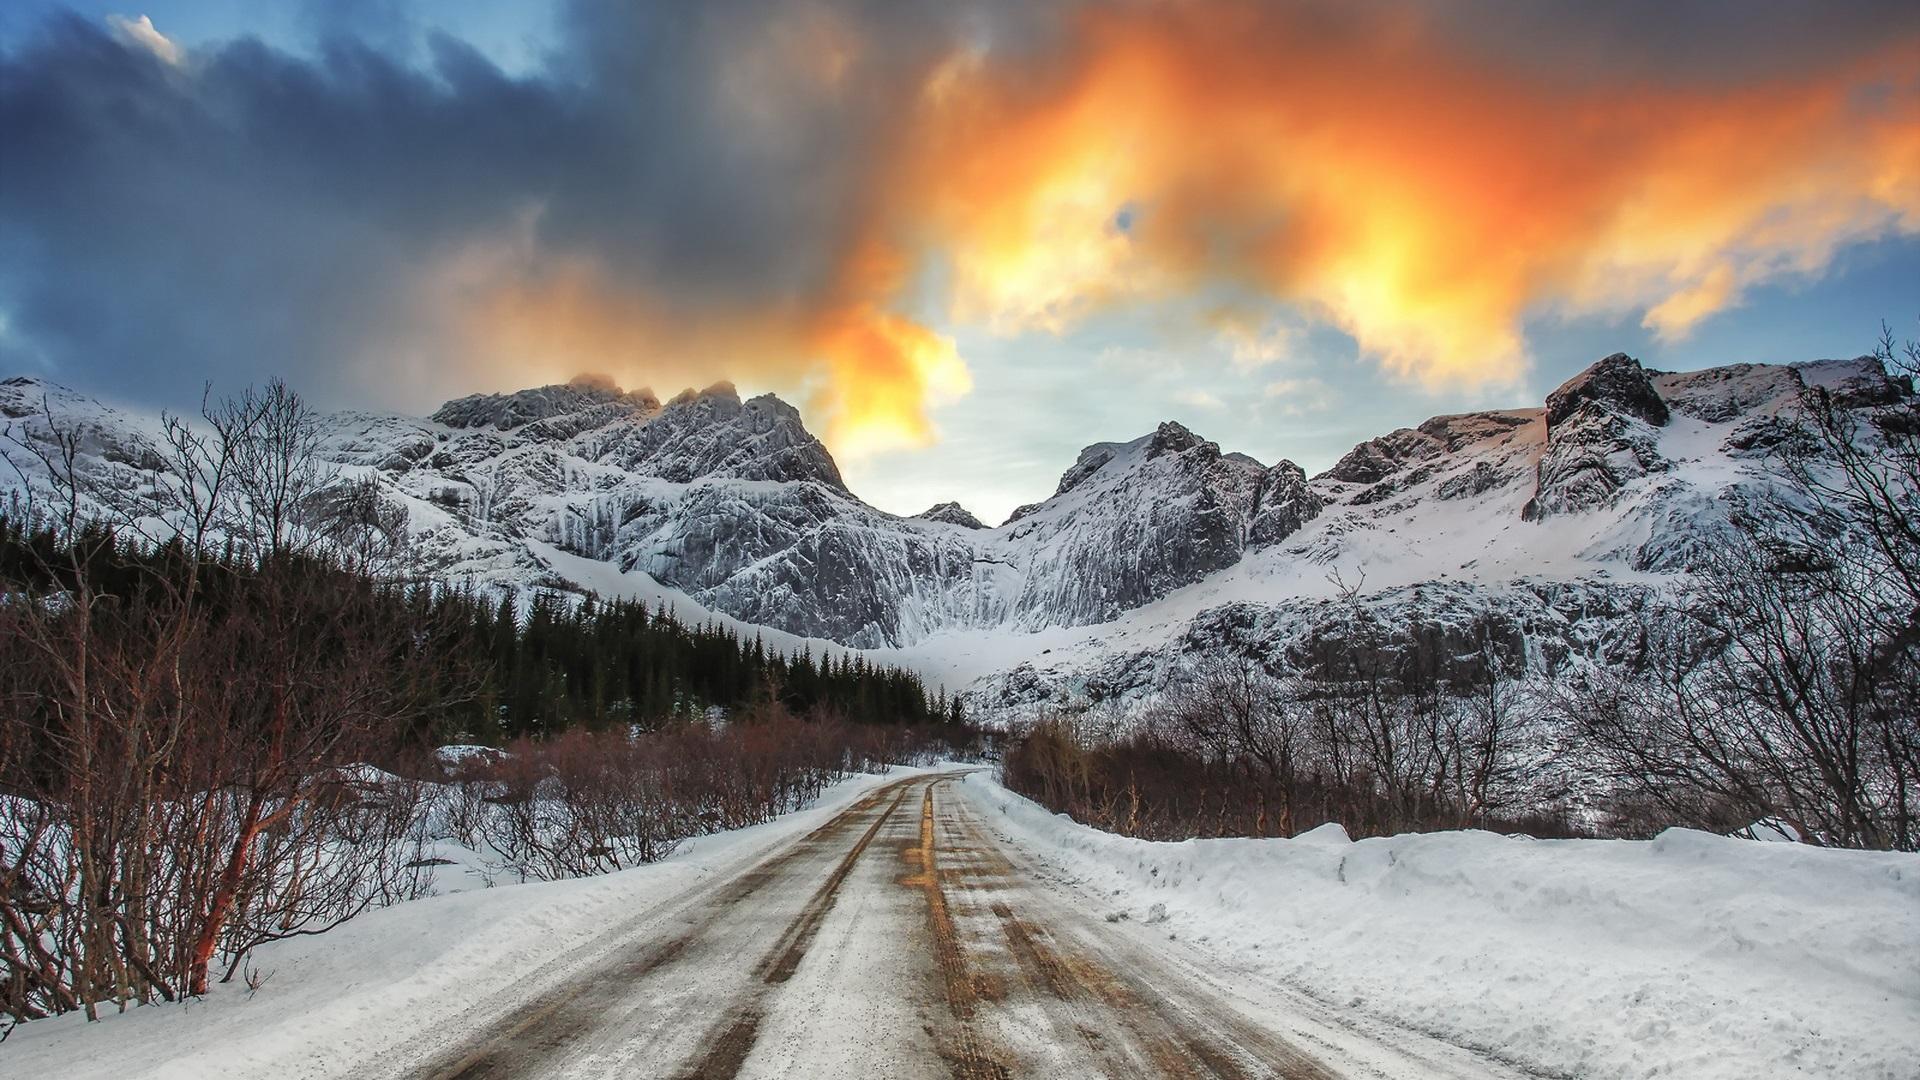 Fondo De Montañas Nevadas En Hd: Fondos De Pantalla Nieve, Carretera, Montañas, Invierno